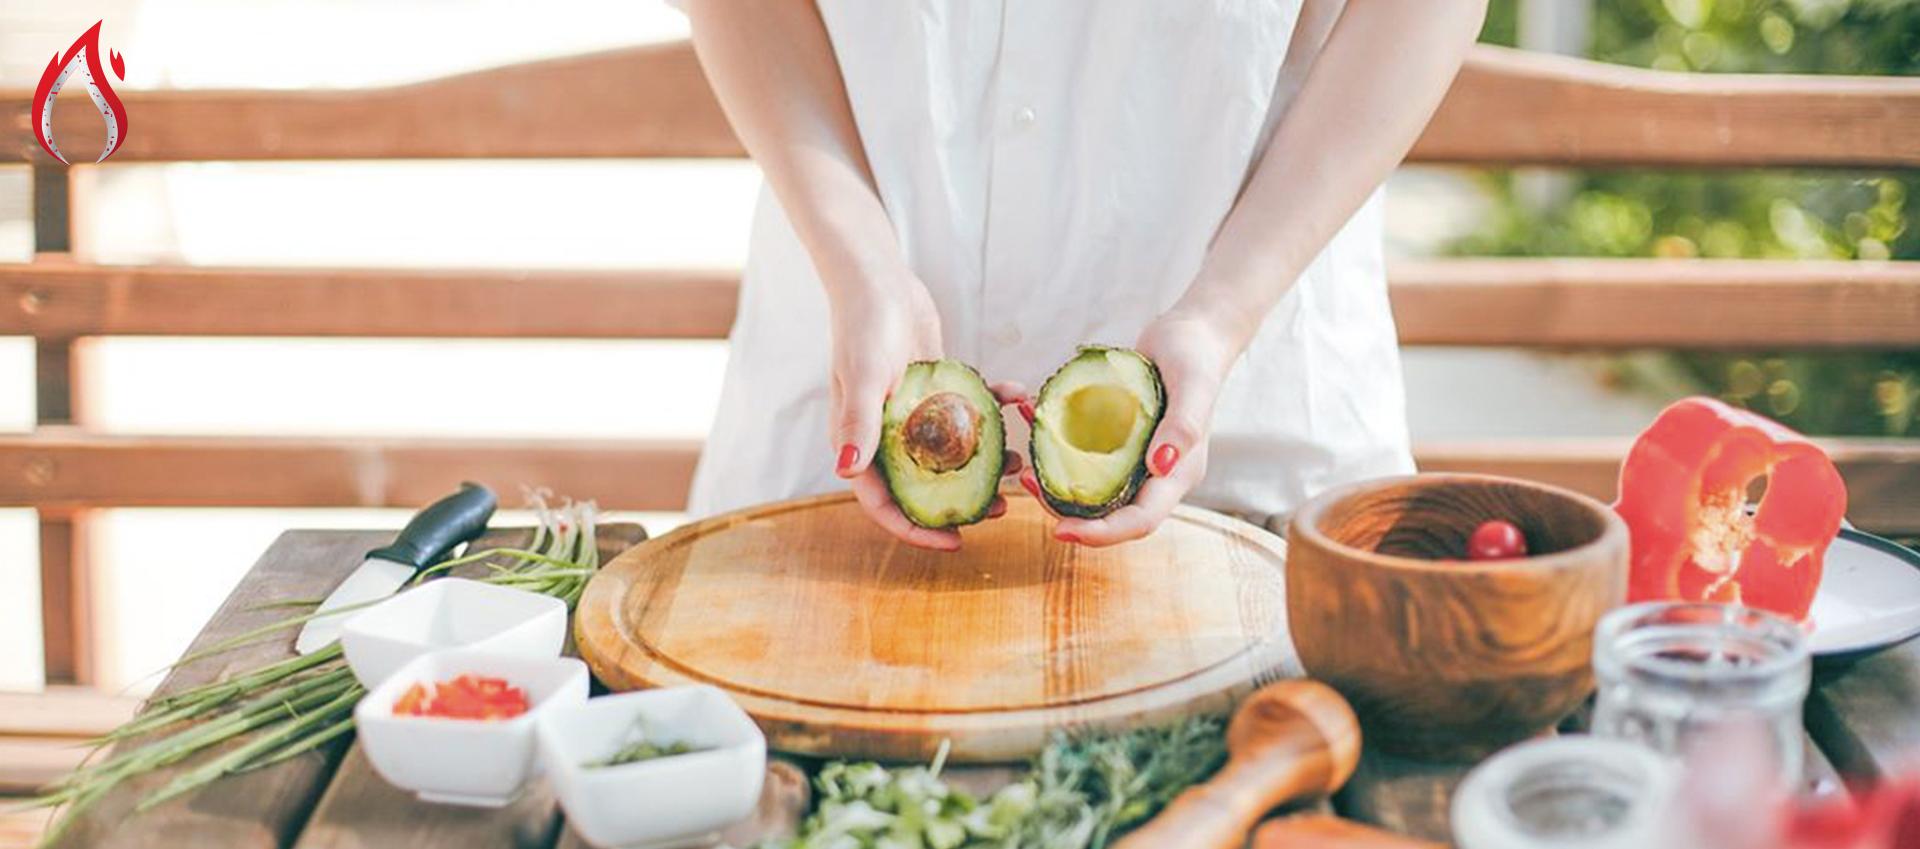 Guacamole aux huiles essentielles